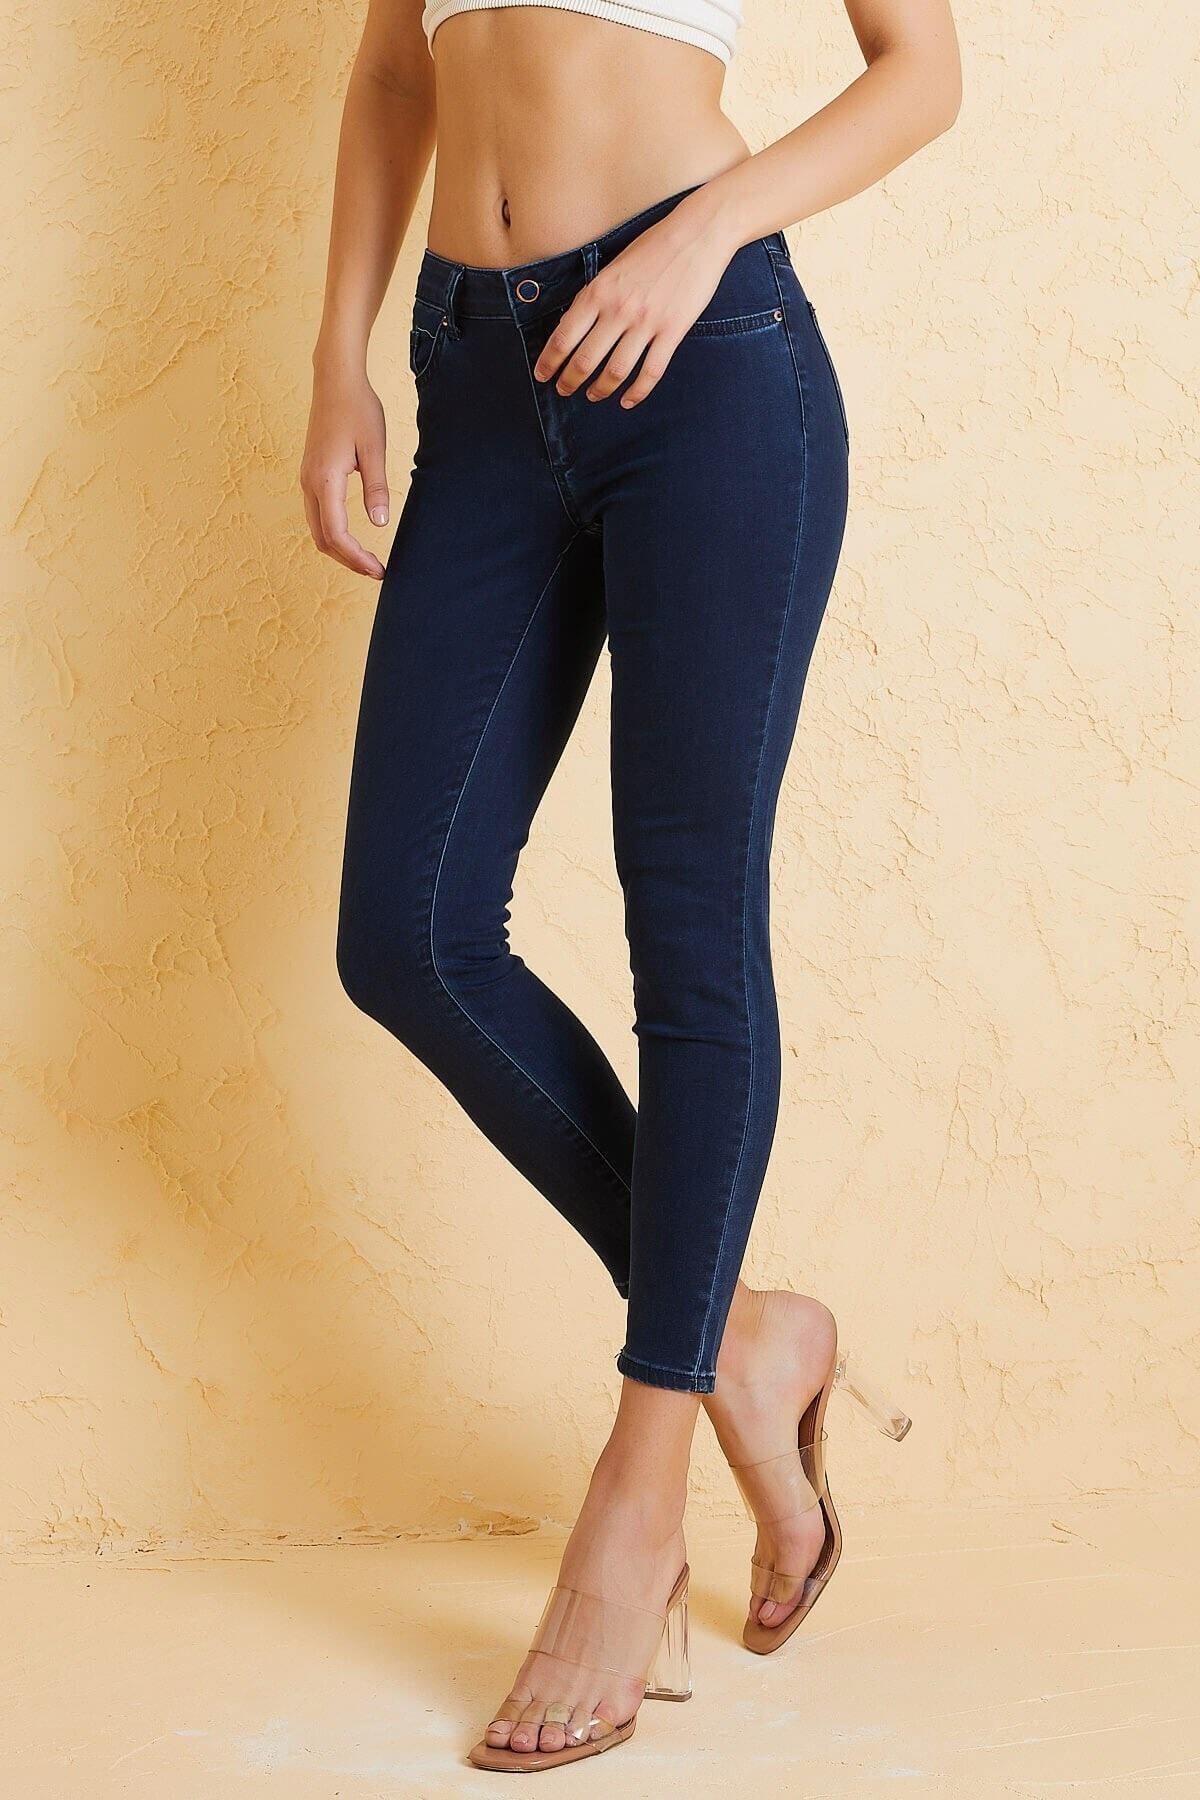 Twister Jeans Kadın  Mavi Çok Yüksek Bel Pantolon Eva 9028-88 2